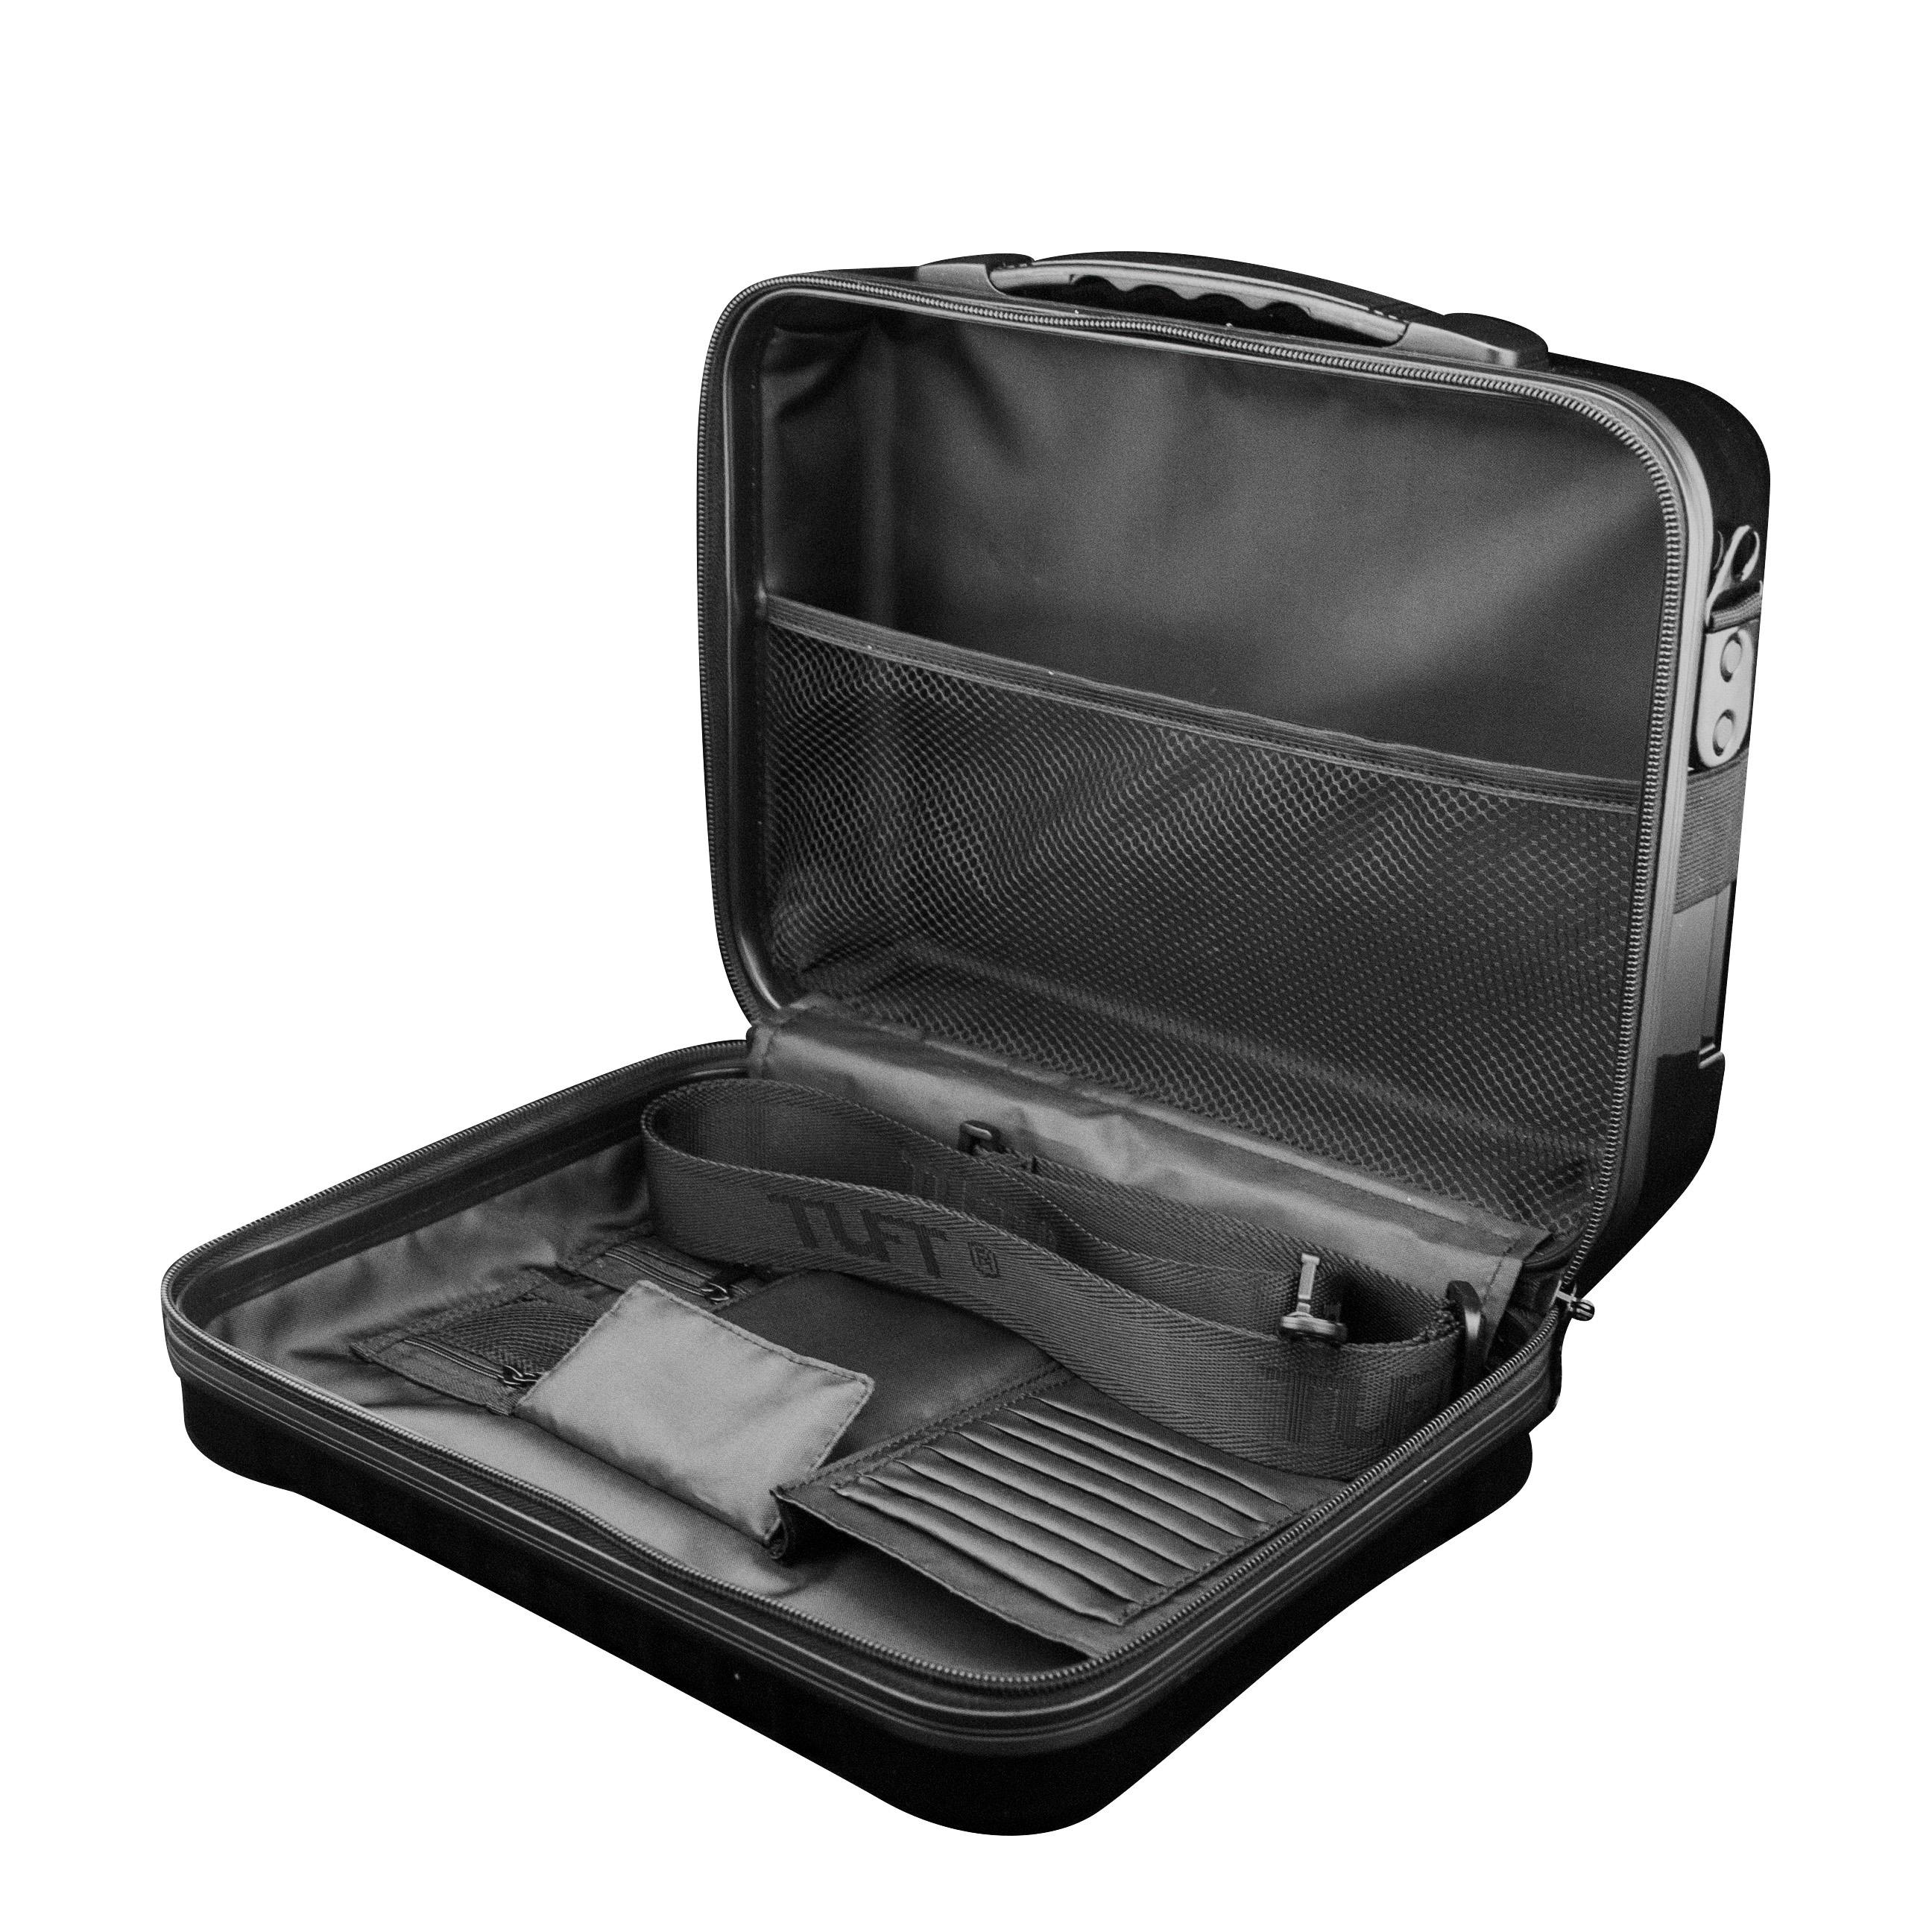 TUFT_5000_Mini_Luggage_inner_whbc-quad